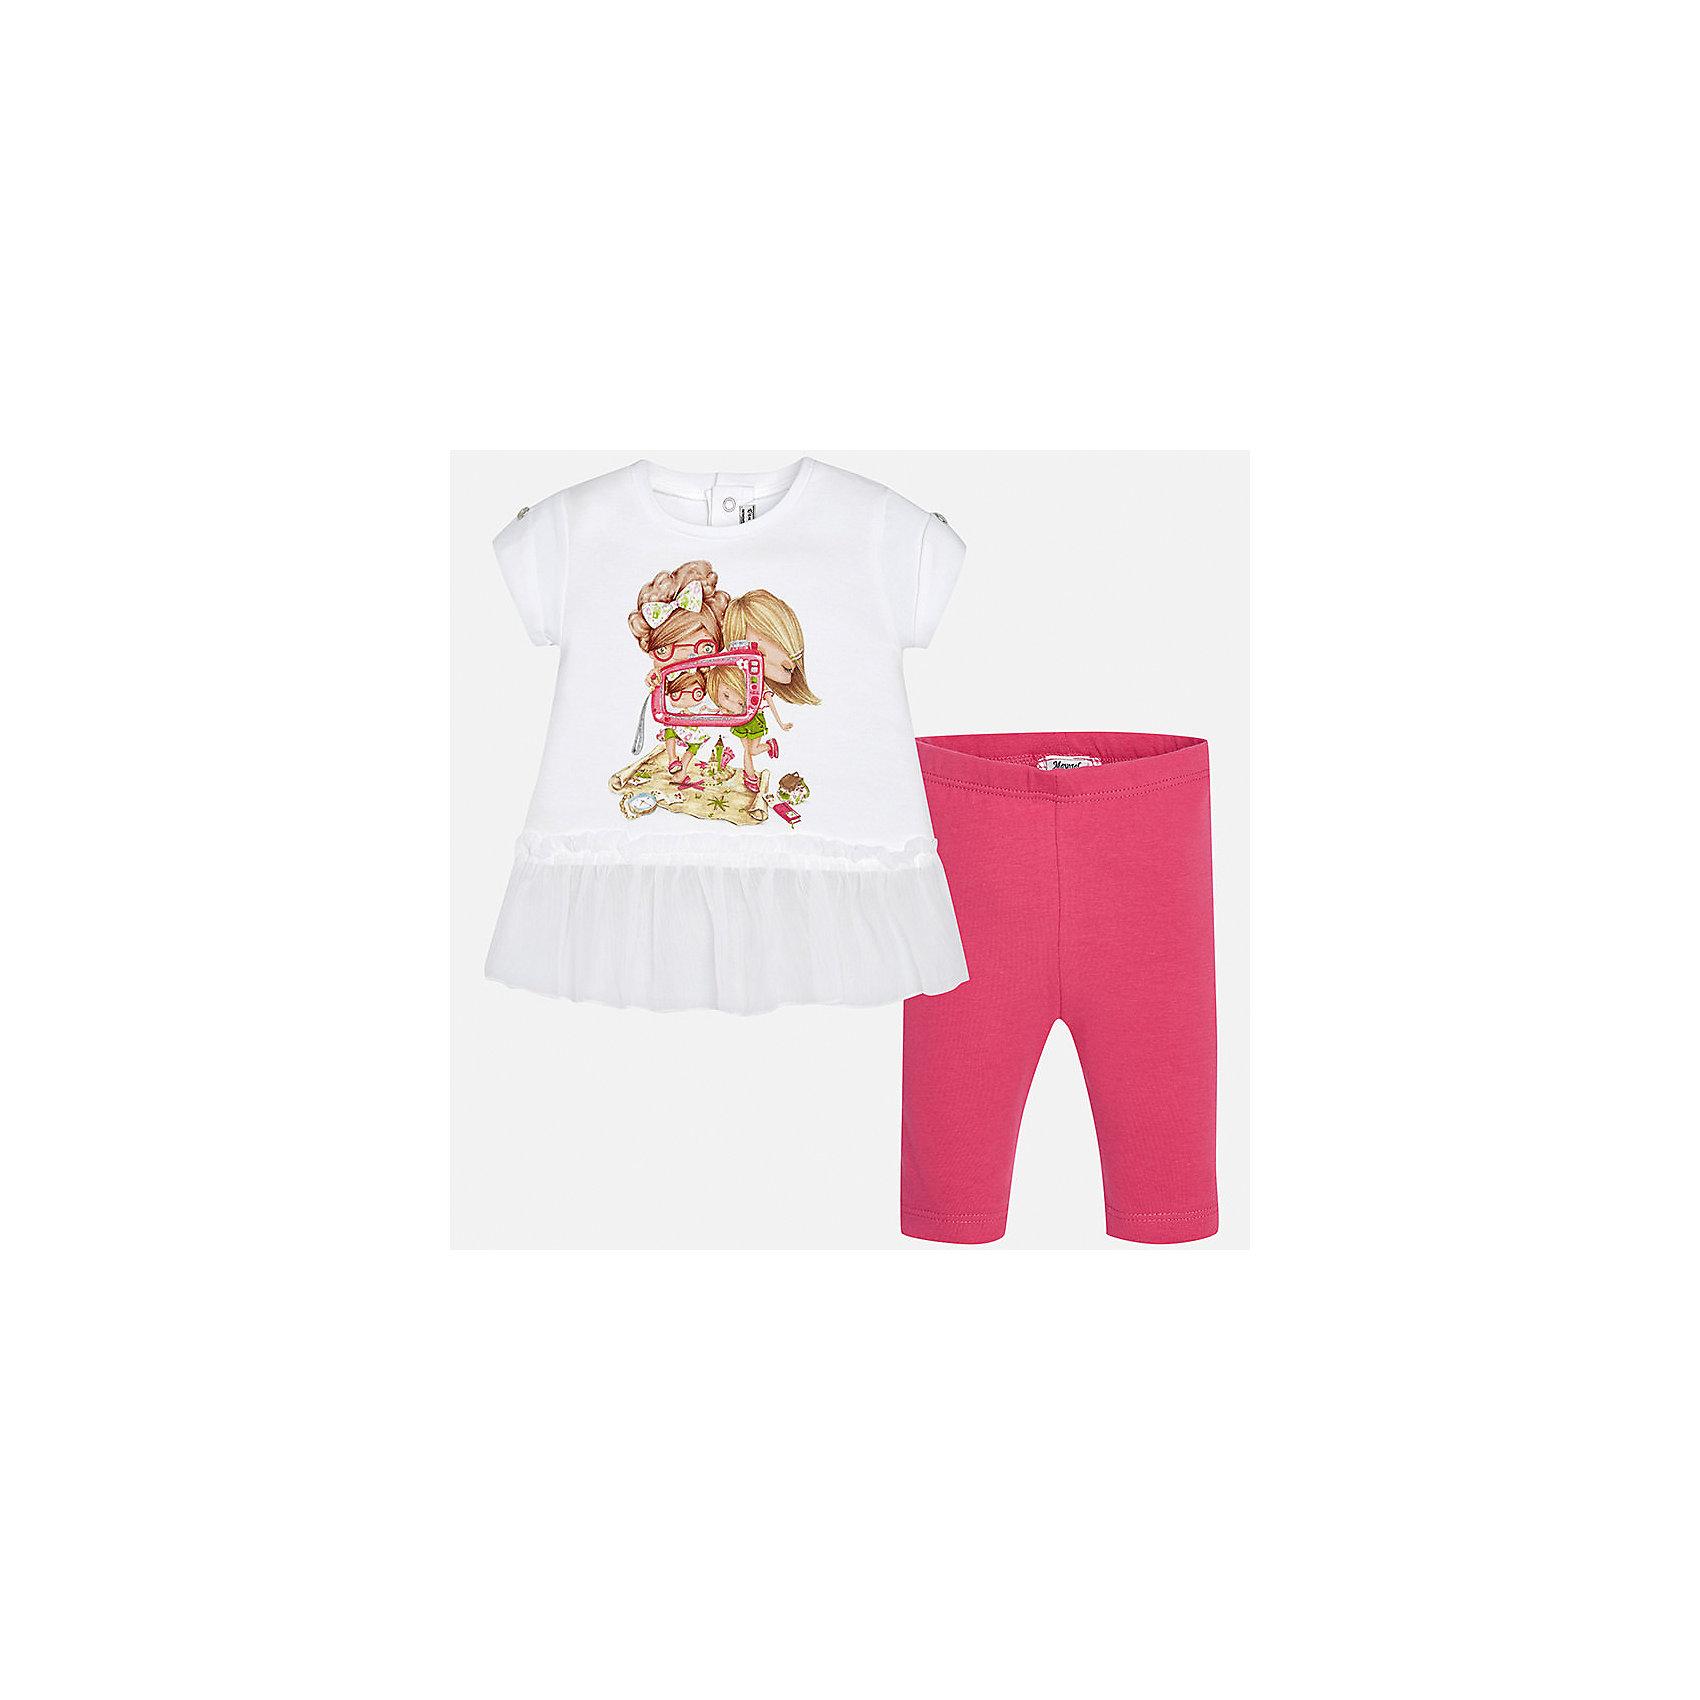 Комплект: футболка и леггинсы для девочки MayoralКомплекты<br>Характеристики товара:<br><br>• цвет: белый/розовый<br>• состав: 95% хлопок, 5% эластан<br>• комплектация: футболка и леггинсы<br>• футболка декорирована принтом<br>• леггинсы однотонные<br>• пояс на резинке<br>• страна бренда: Испания<br><br>Стильный качественный комплект для девочки поможет разнообразить гардероб ребенка и удобно одеться в теплую погоду. Он отлично сочетается с другими предметами. Универсальный цвет позволяет подобрать к вещам верхнюю одежду практически любой расцветки. Интересная отделка модели делает её нарядной и оригинальной. В составе материала - натуральный хлопок, гипоаллергенный, приятный на ощупь, дышащий.<br><br>Одежда, обувь и аксессуары от испанского бренда Mayoral полюбились детям и взрослым по всему миру. Модели этой марки - стильные и удобные. Для их производства используются только безопасные, качественные материалы и фурнитура. Порадуйте ребенка модными и красивыми вещами от Mayoral! <br><br>Комплект: футболка и леггинсы для девочки от испанского бренда Mayoral (Майорал) можно купить в нашем интернет-магазине.<br><br>Ширина мм: 191<br>Глубина мм: 10<br>Высота мм: 175<br>Вес г: 273<br>Цвет: розовый<br>Возраст от месяцев: 18<br>Возраст до месяцев: 24<br>Пол: Женский<br>Возраст: Детский<br>Размер: 92,74,80,86<br>SKU: 5289011